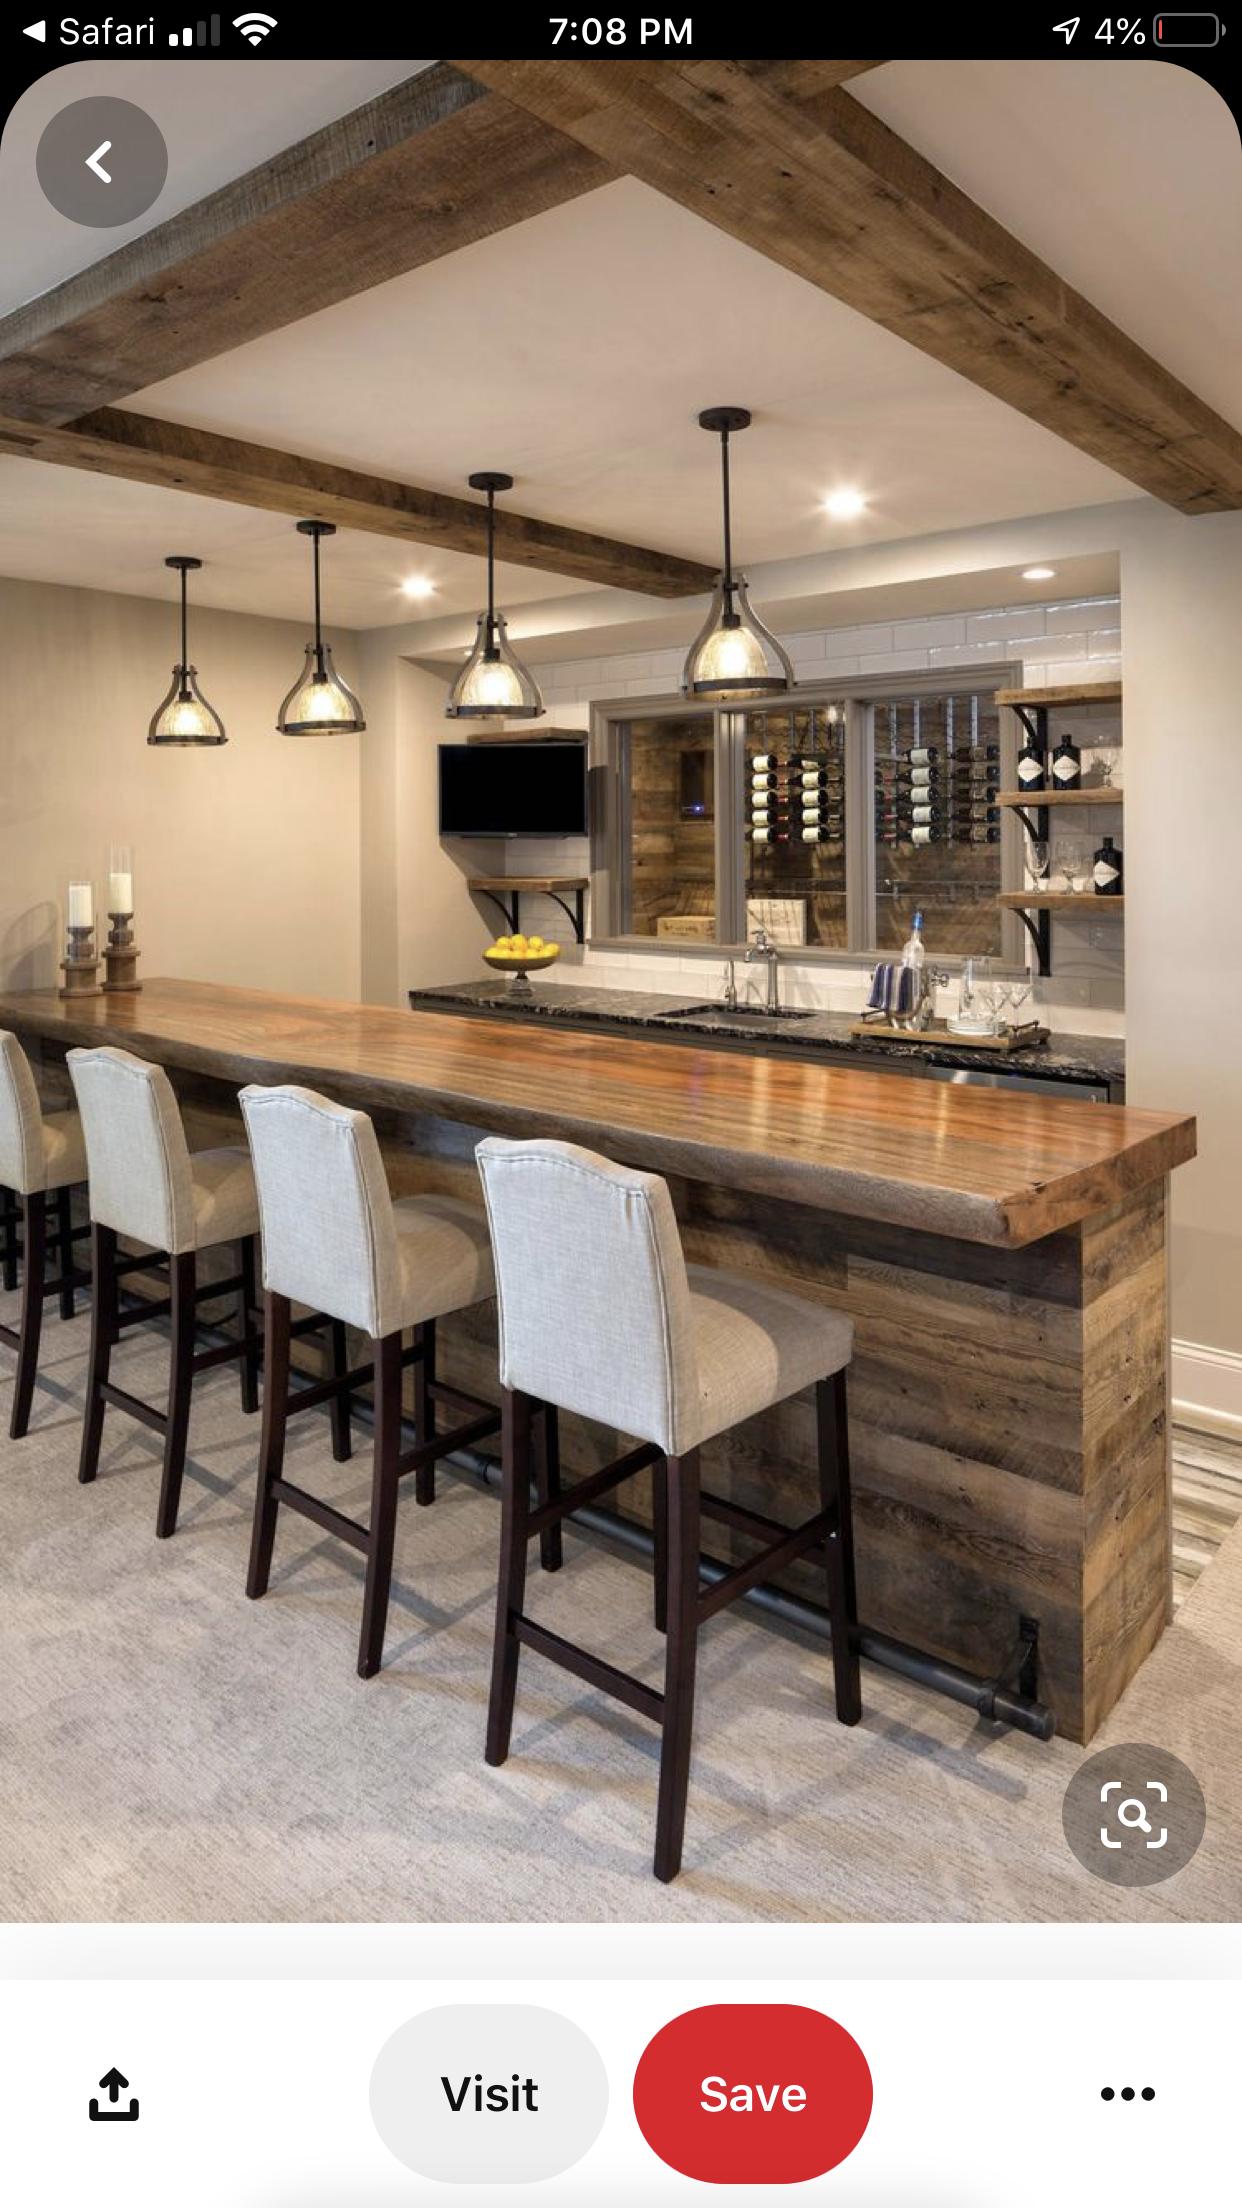 450 Basement Ideas In 2021 Finishing Basement Basement Remodeling Bars For Home